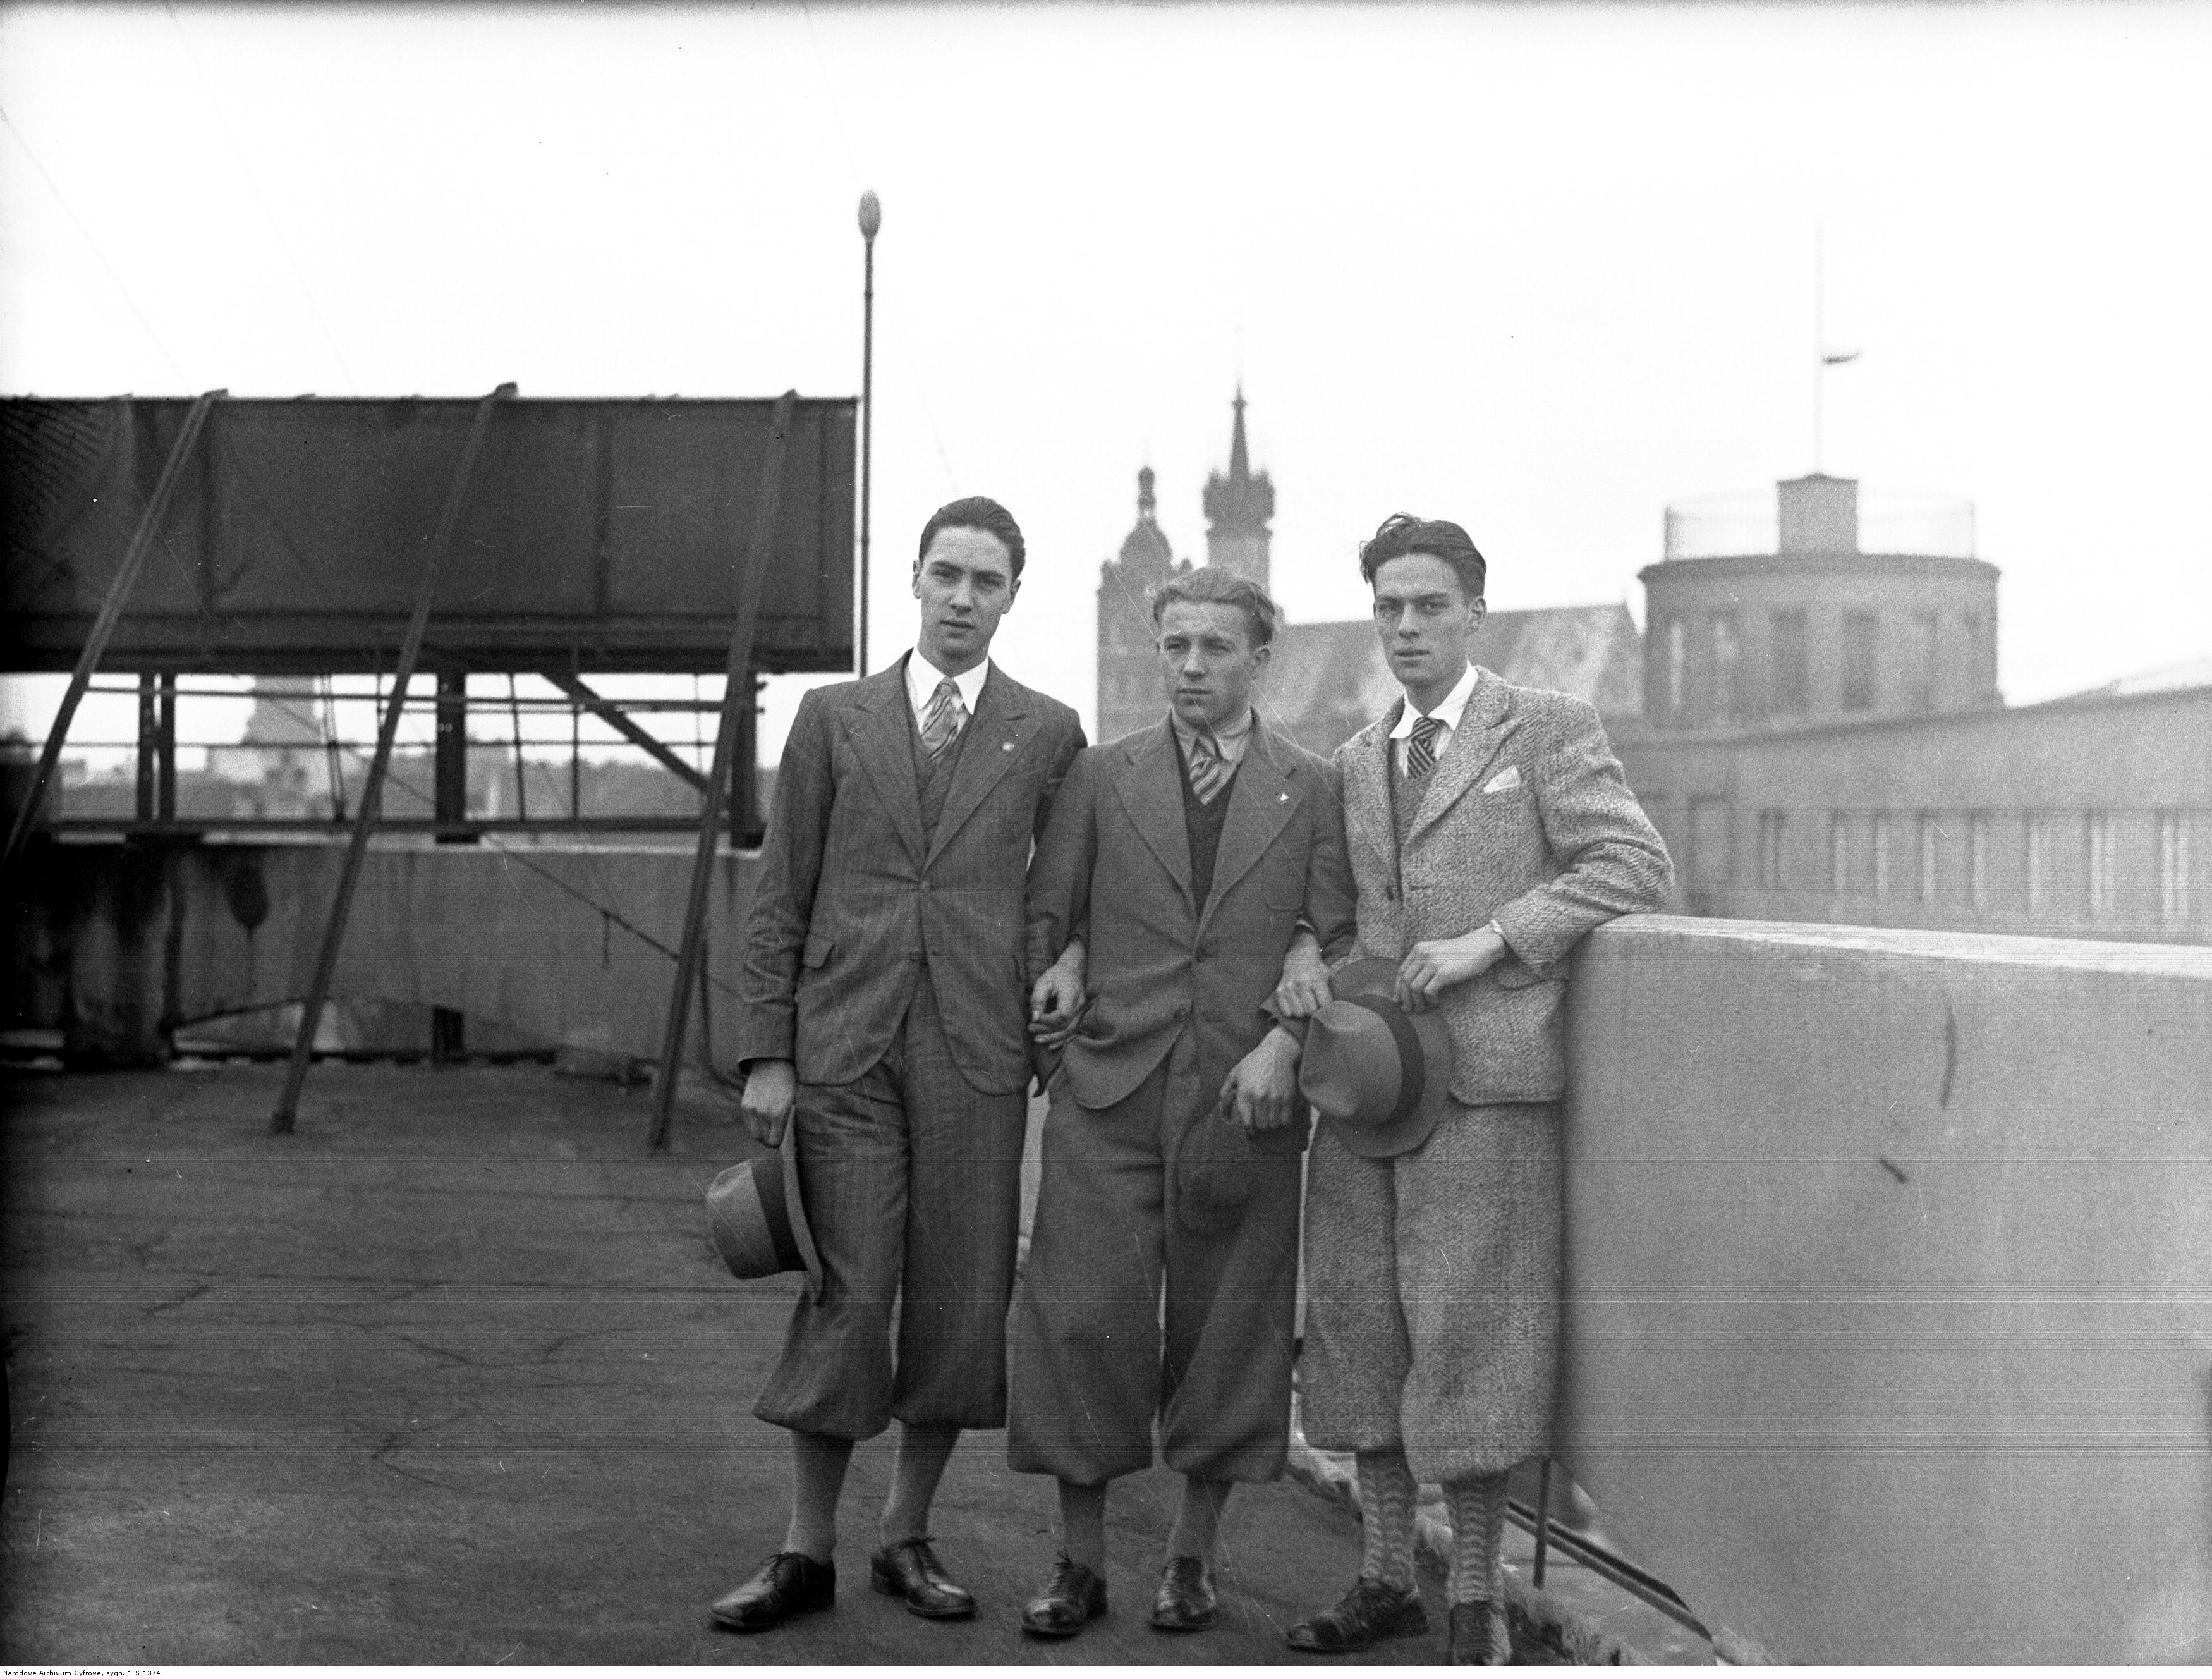 Erwin (pierwszy od lewej) i Alfred (trzeci od lewej) na dachu Pałacu Prasy w Krakowie. Październik 1934 roku.